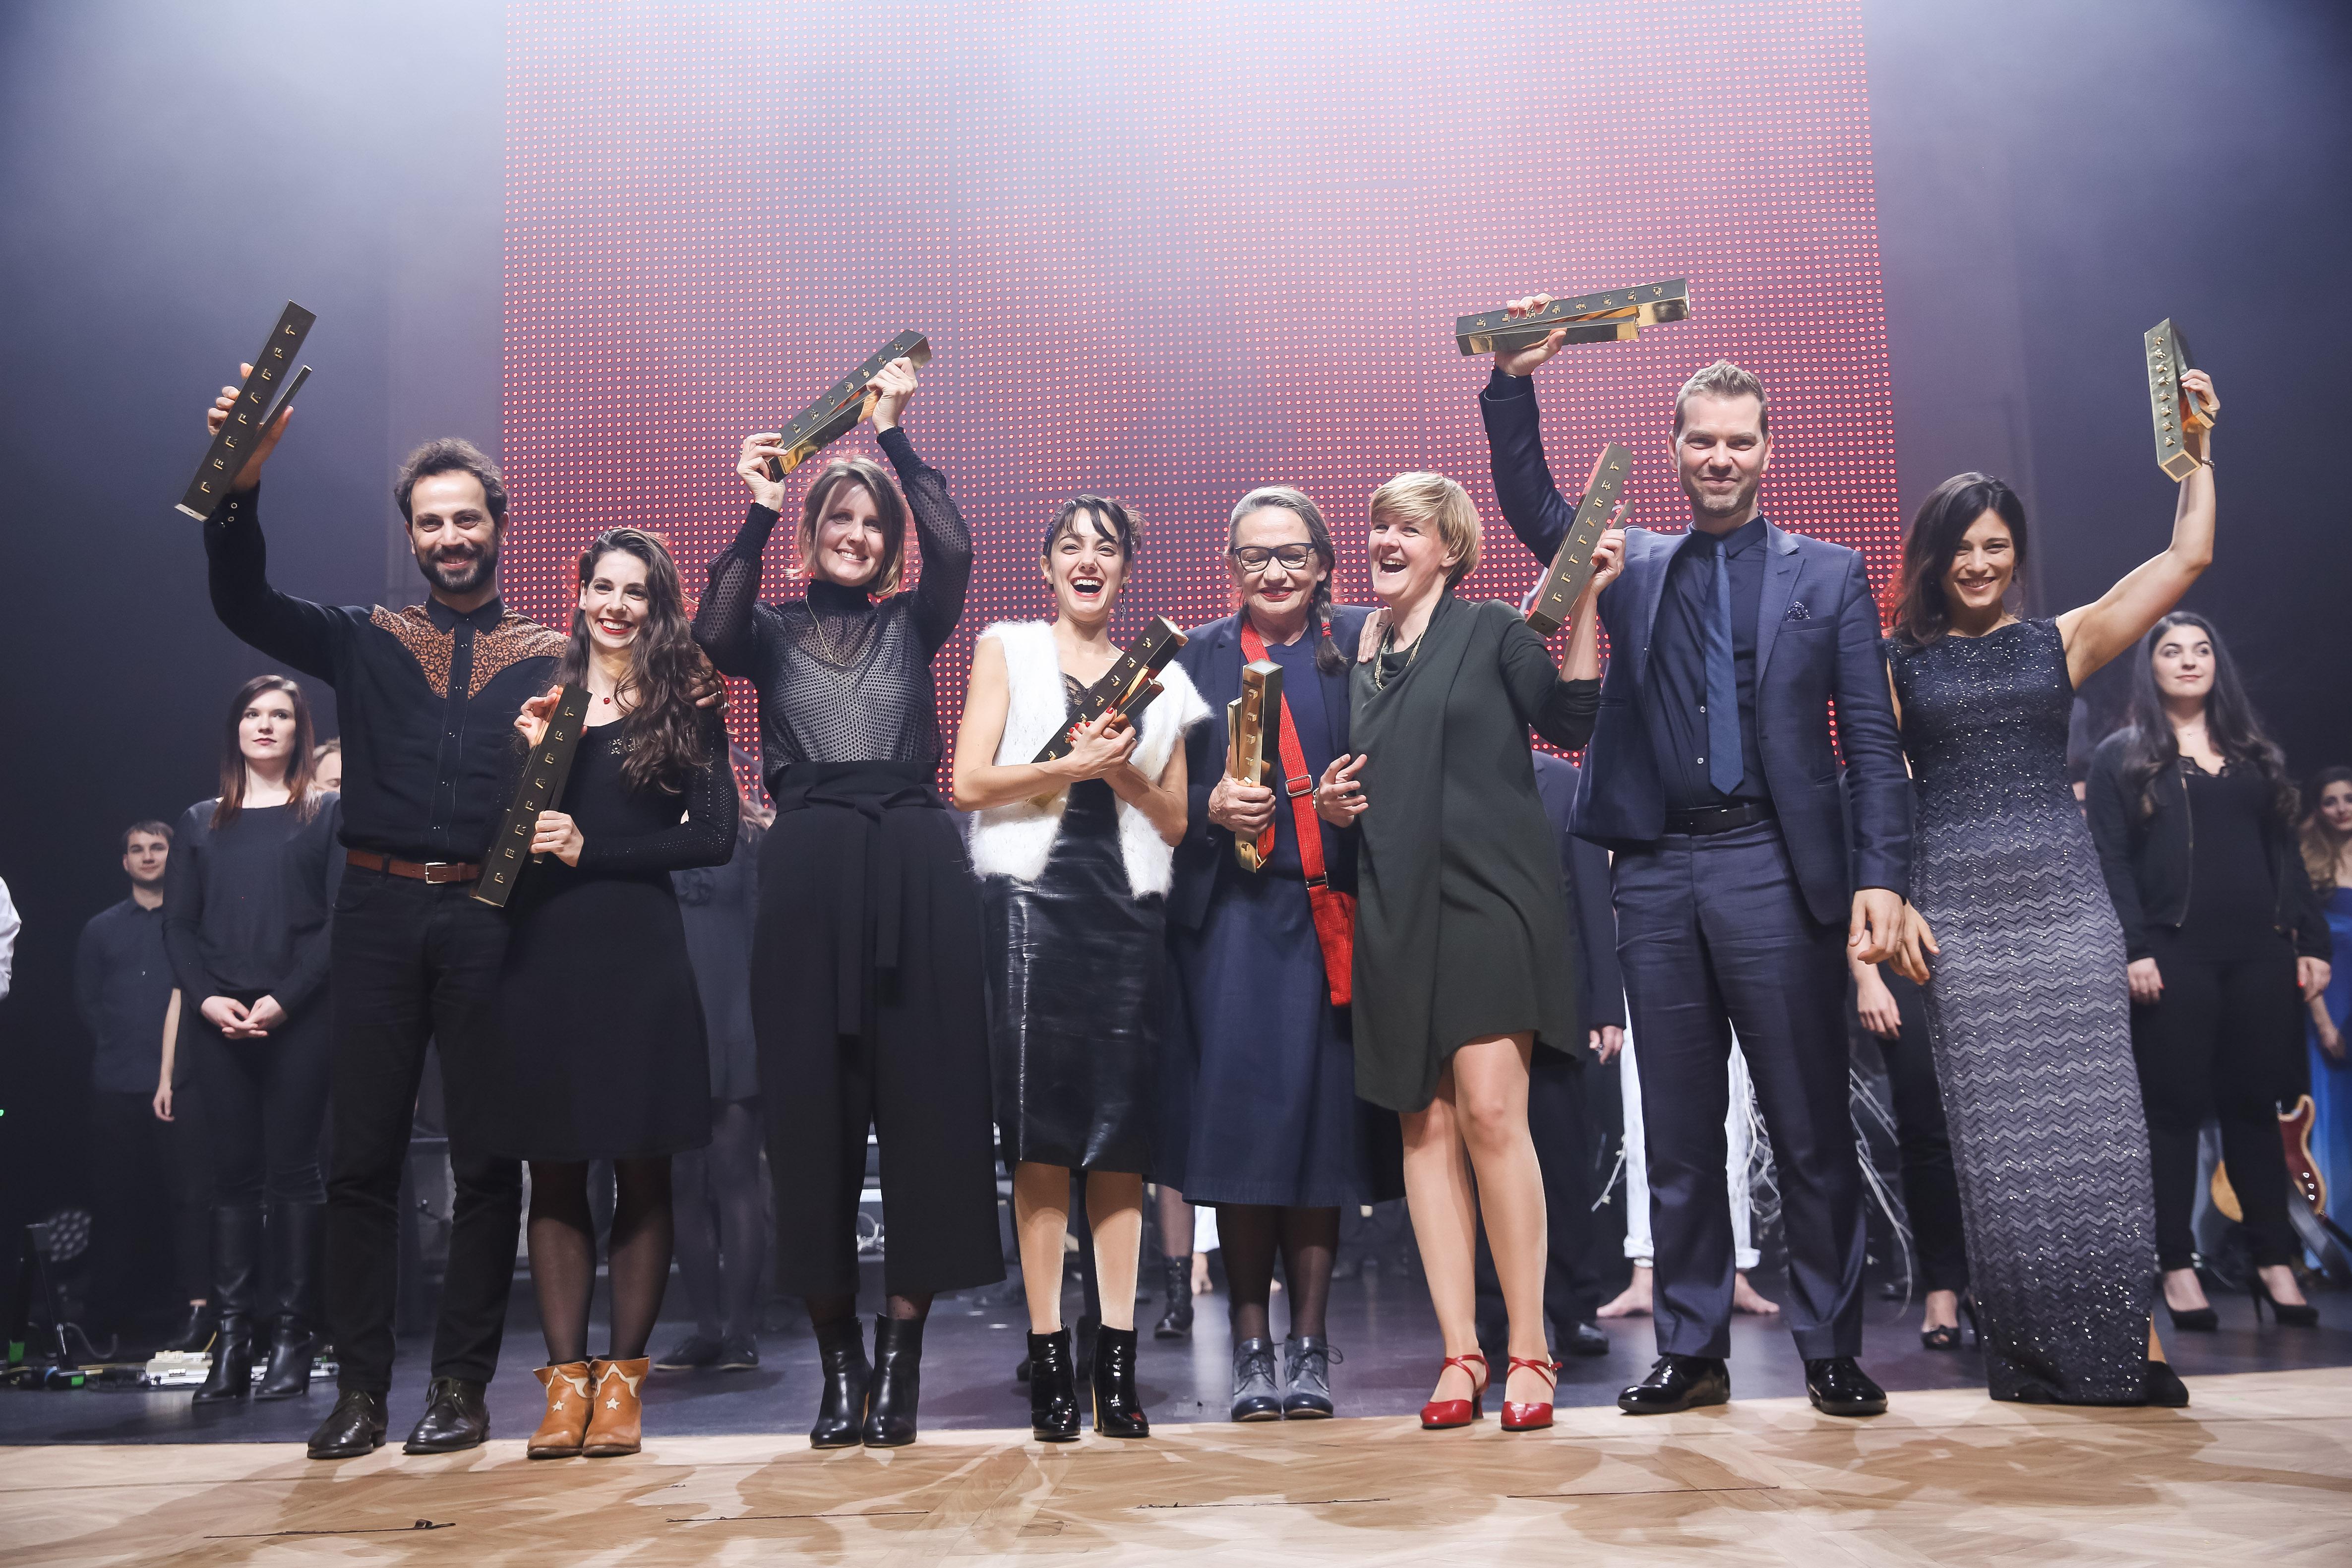 Die Preisträger des FAUST 2017 auf der Bühne im Schauspiel Leipzig; Foto: Markus Nass